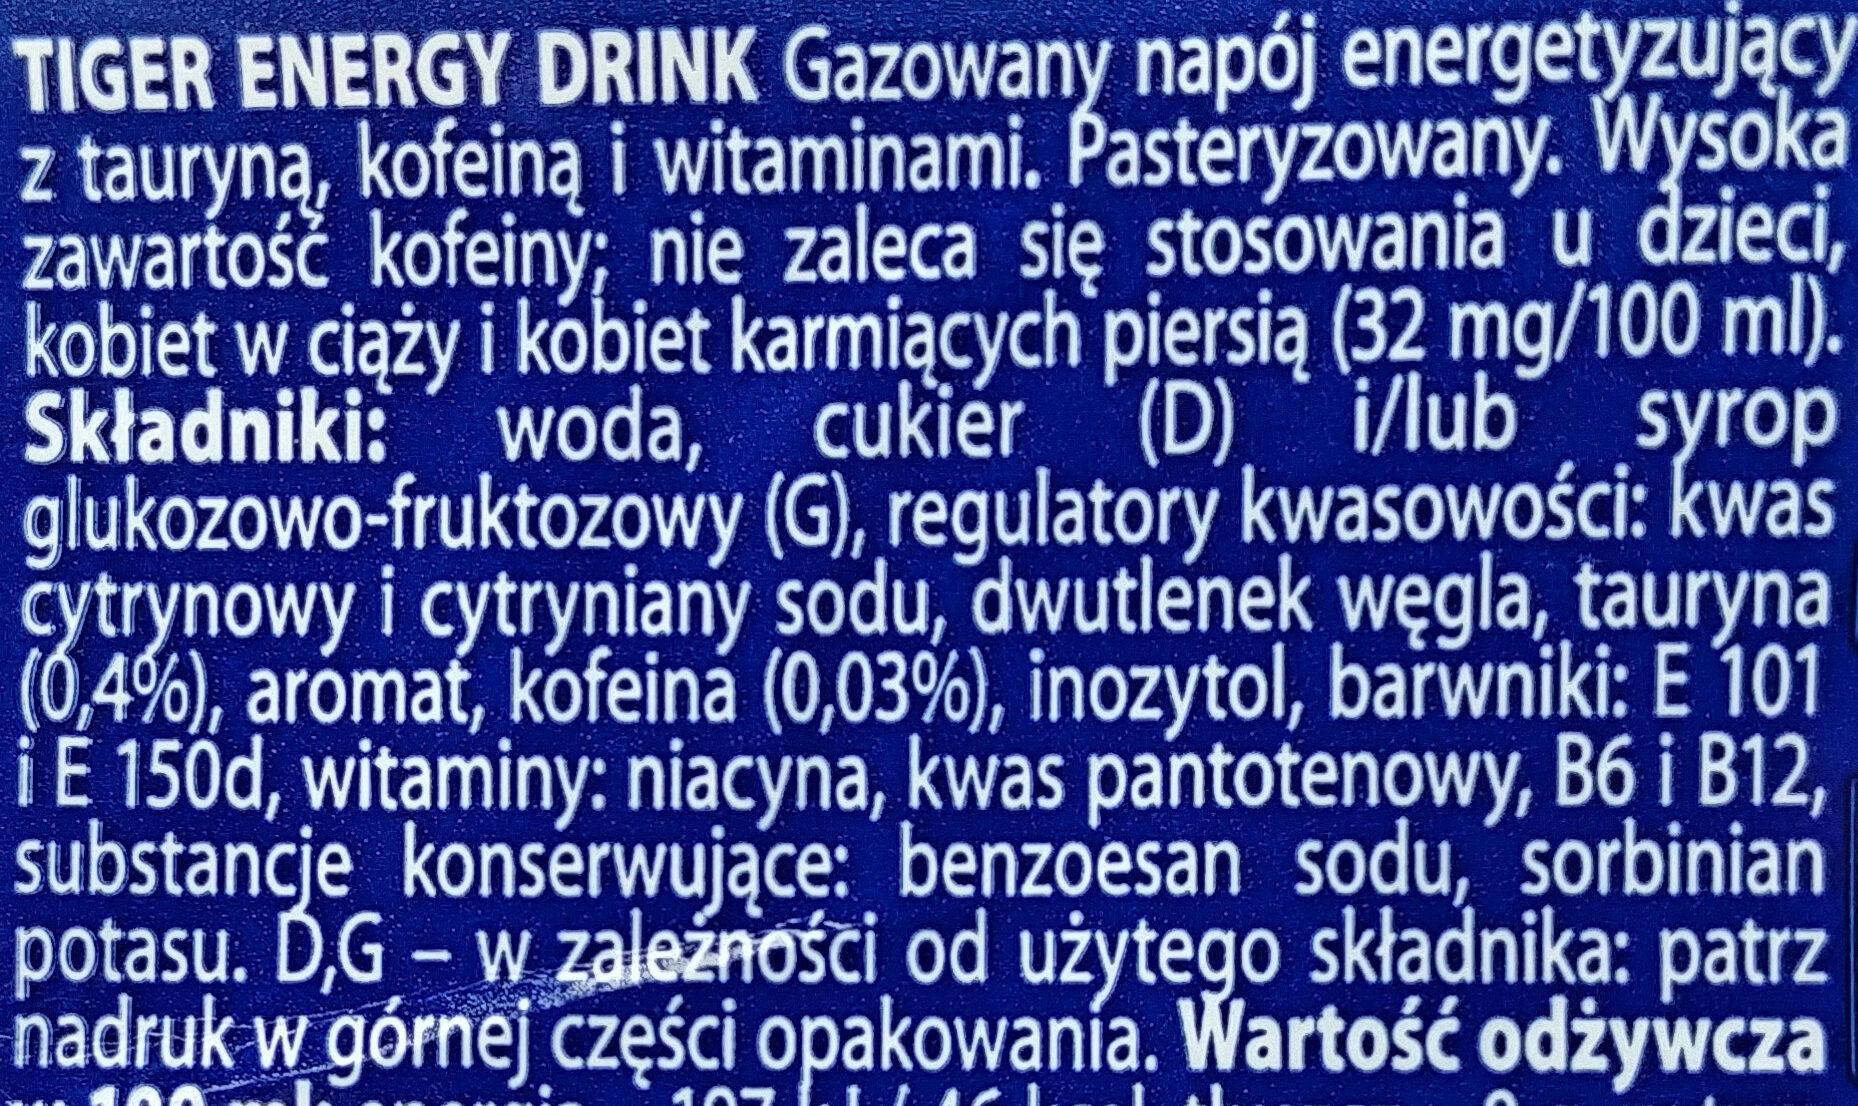 Gazowany napój energetyzujący z tauryną, kofeiną i witaminami - Składniki